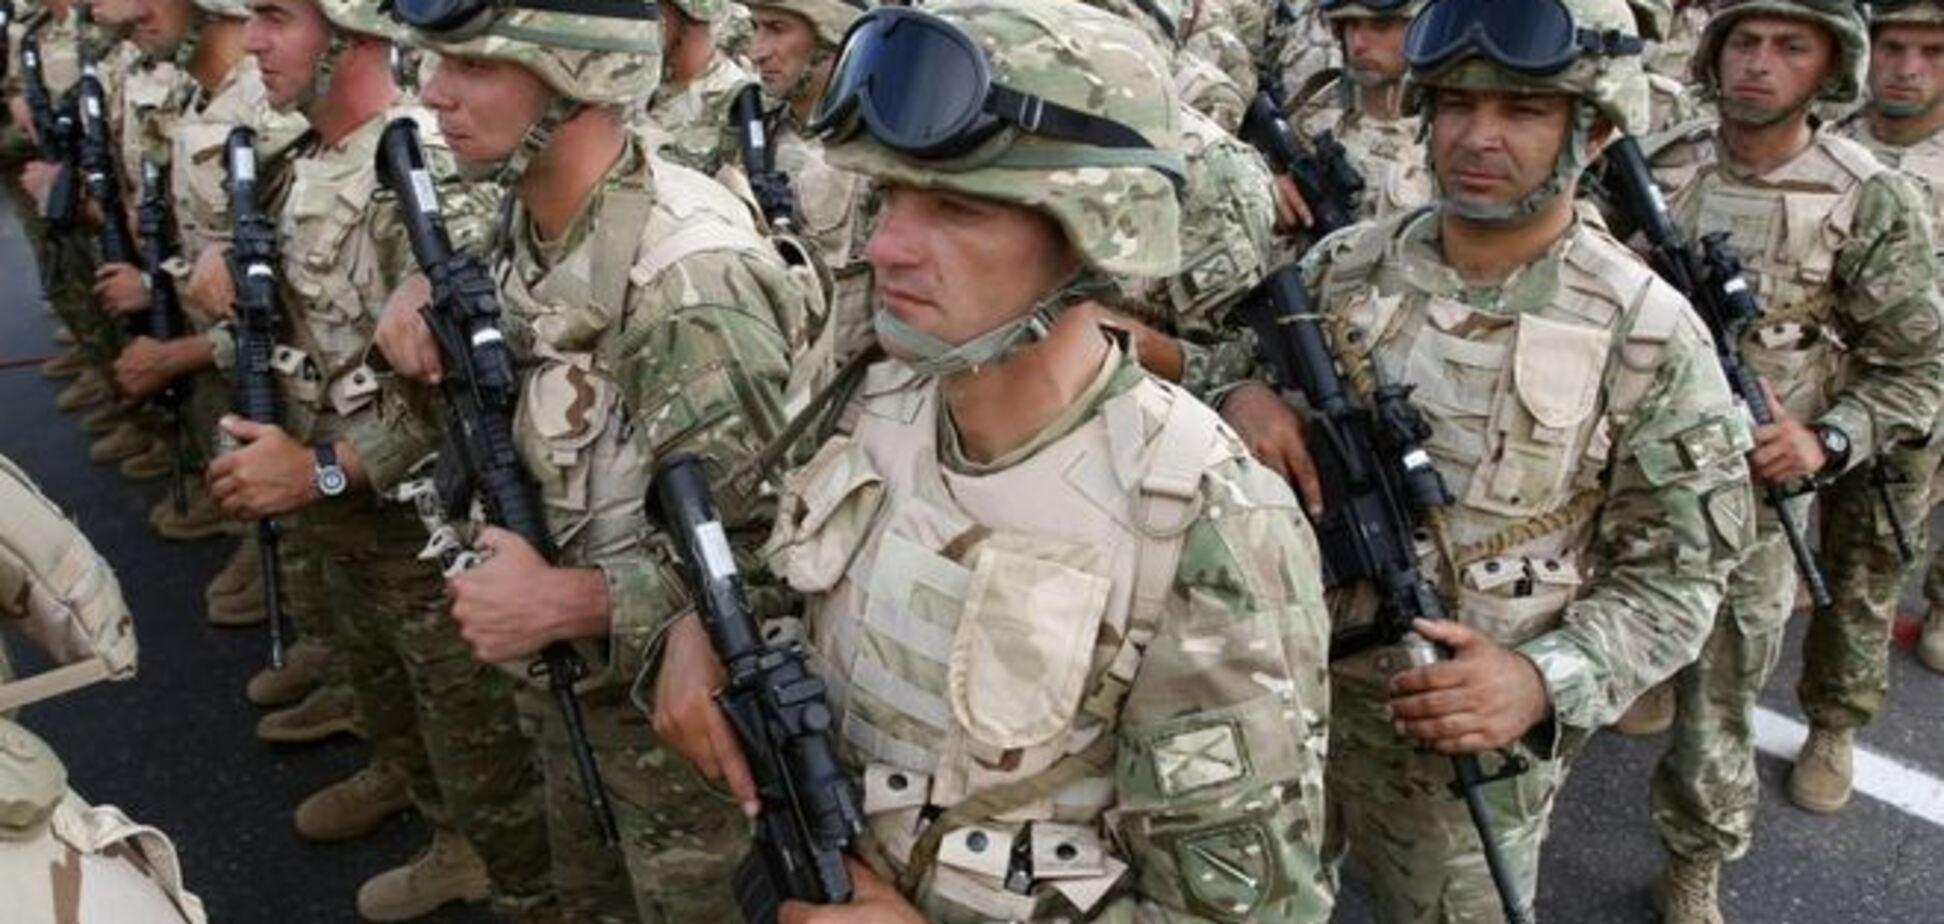 НАТО збільшує чисельність корпусу 'Північний Схід' на кордоні з Україною